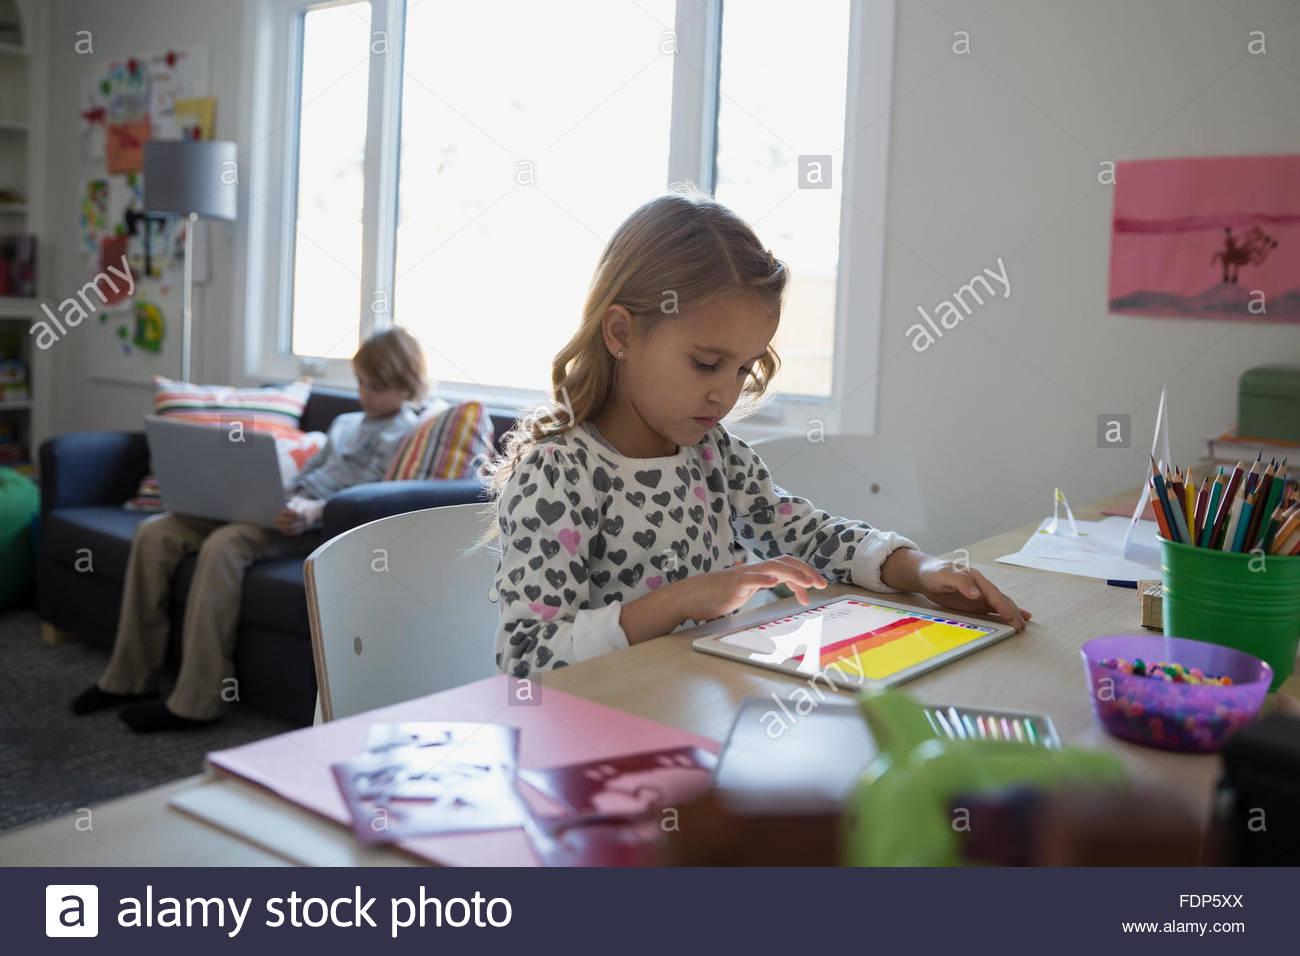 Chica utilizando tablet digital en el escritorio Imagen De Stock